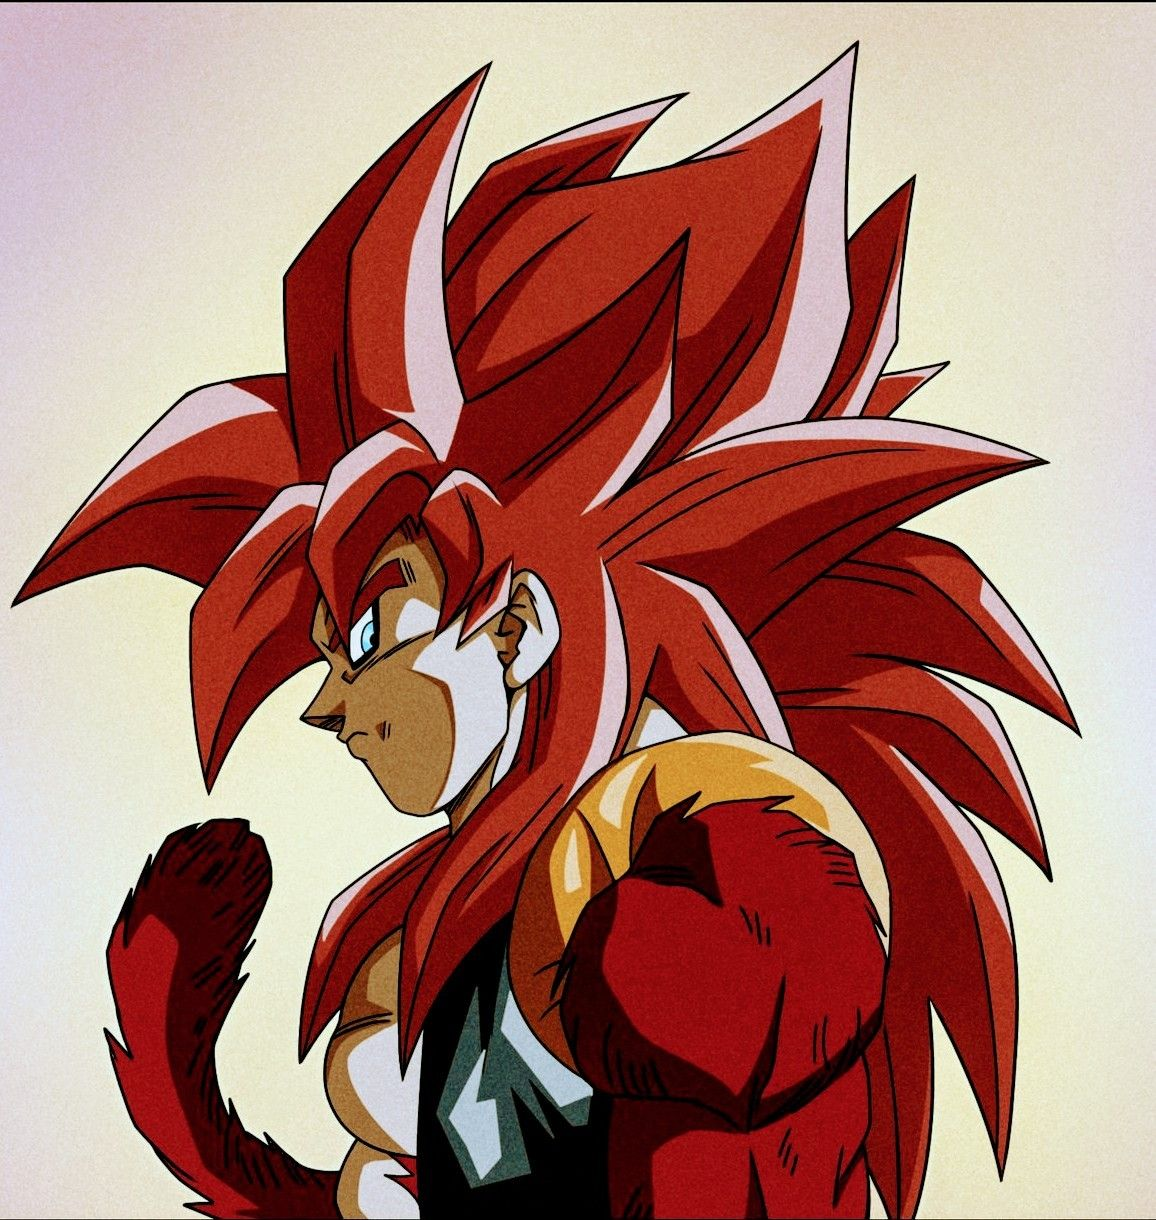 Gogeta Ssj4 Draw By Fenyo N Color By F R Art Dragon Ball Art Dragon Ball Artwork Anime Dragon Ball